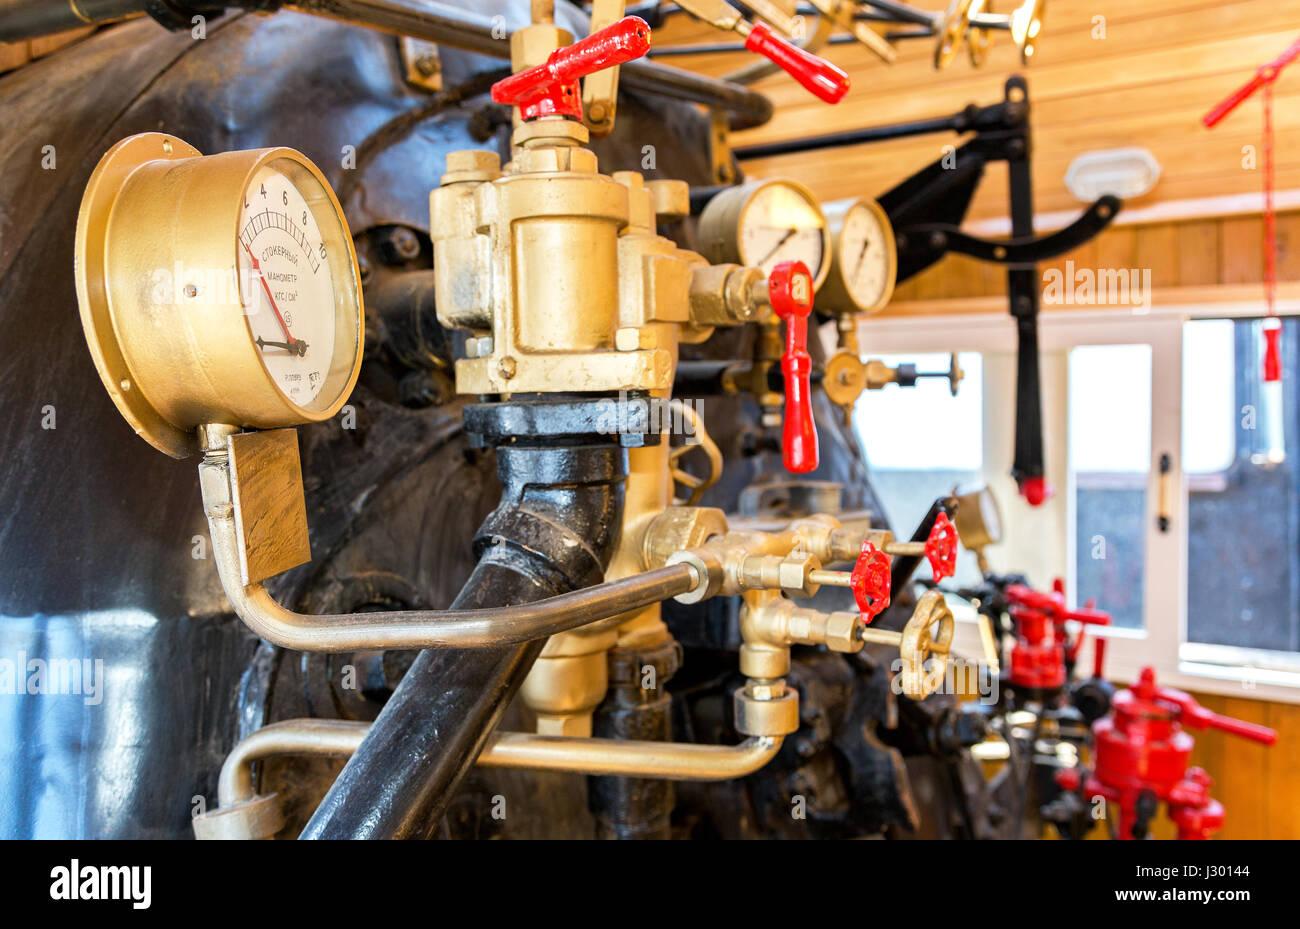 Boiler Furnace Stockfotos & Boiler Furnace Bilder - Alamy